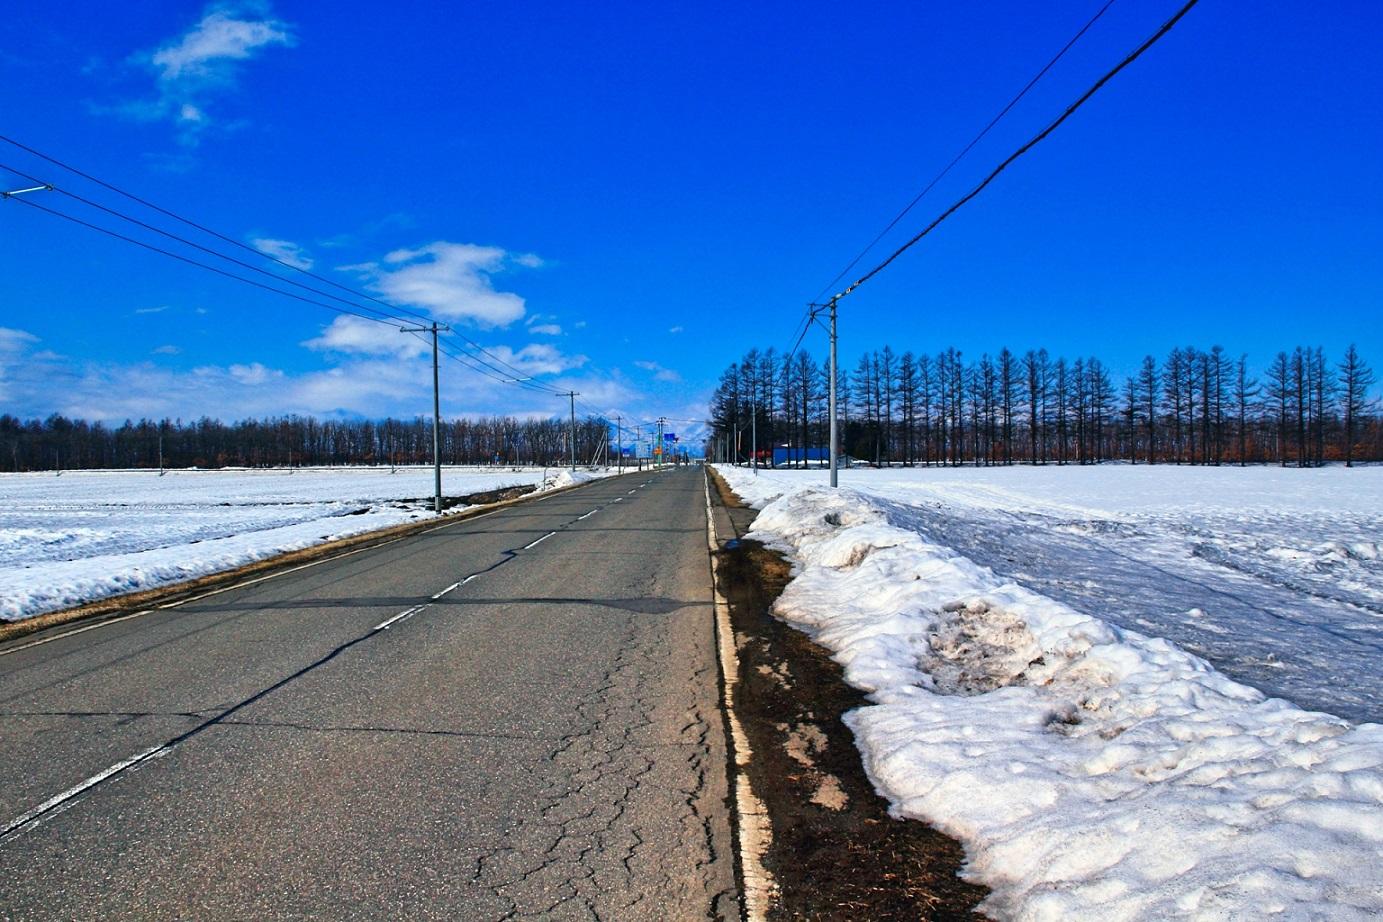 冬の道路と青空